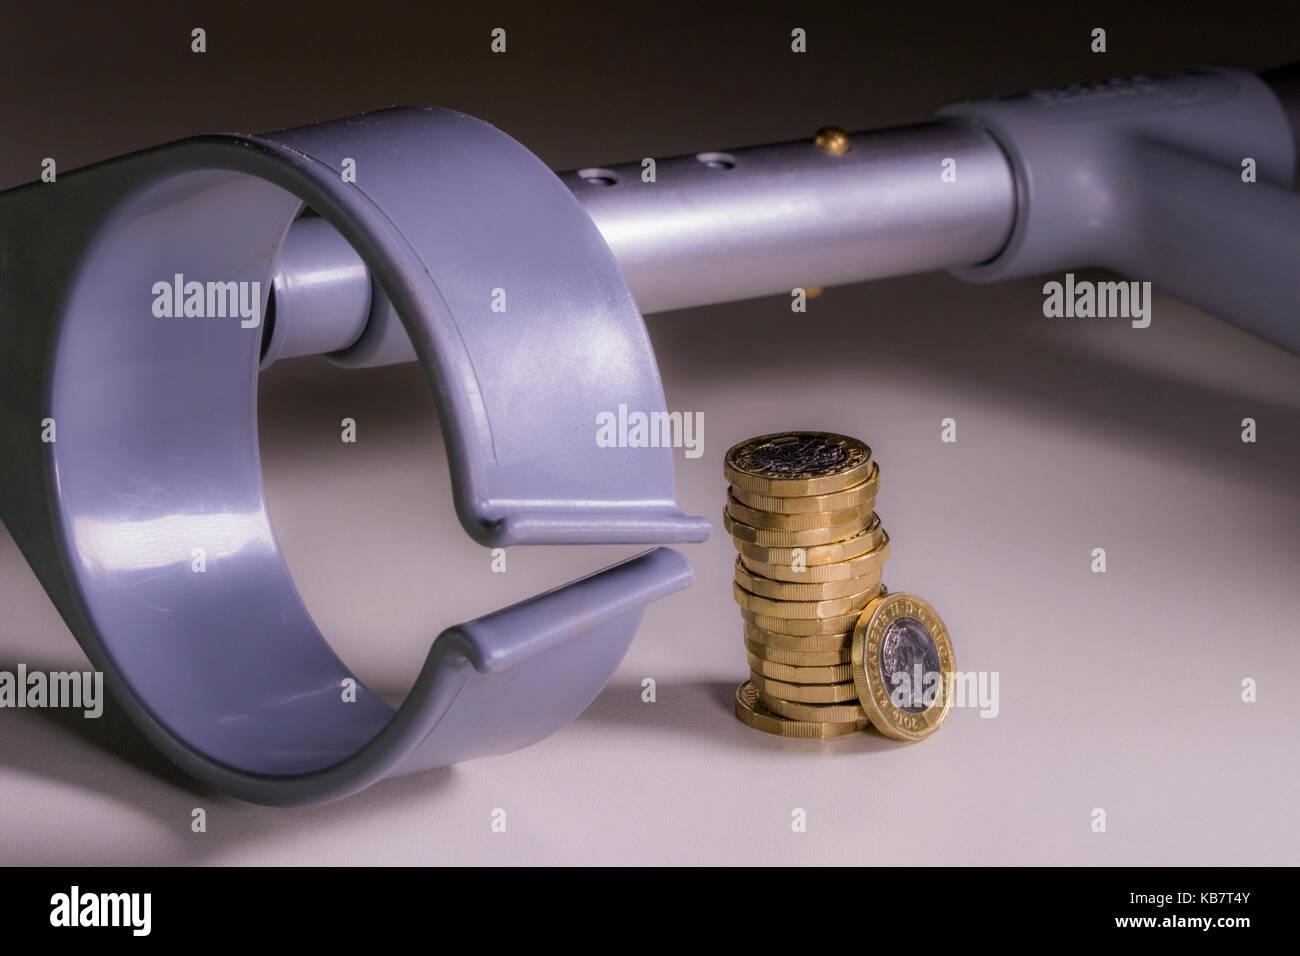 Una stampella e nuovo sterling pound monete. Concetto di legame tra incapacità e Regno Unito sterline, come Immagini Stock